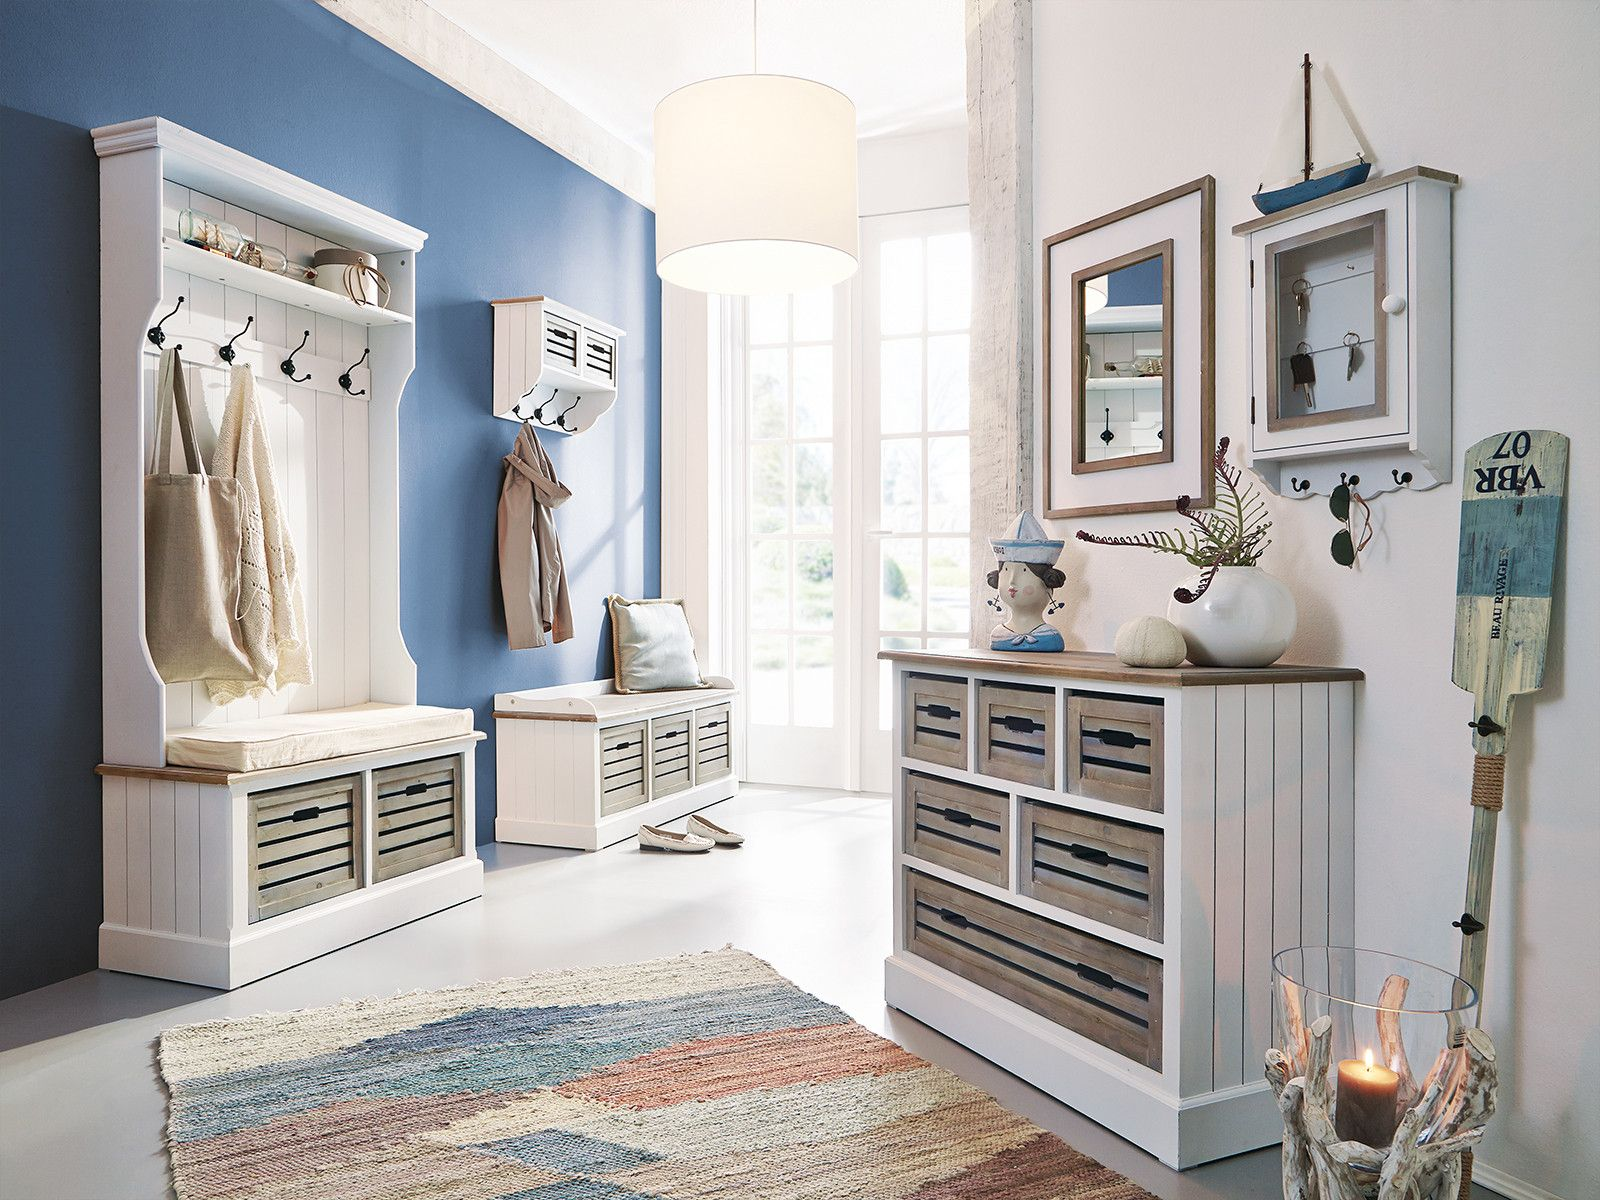 Garderobe-Russel-weiss | Garderobenwand | Pinterest | Weiss und ...